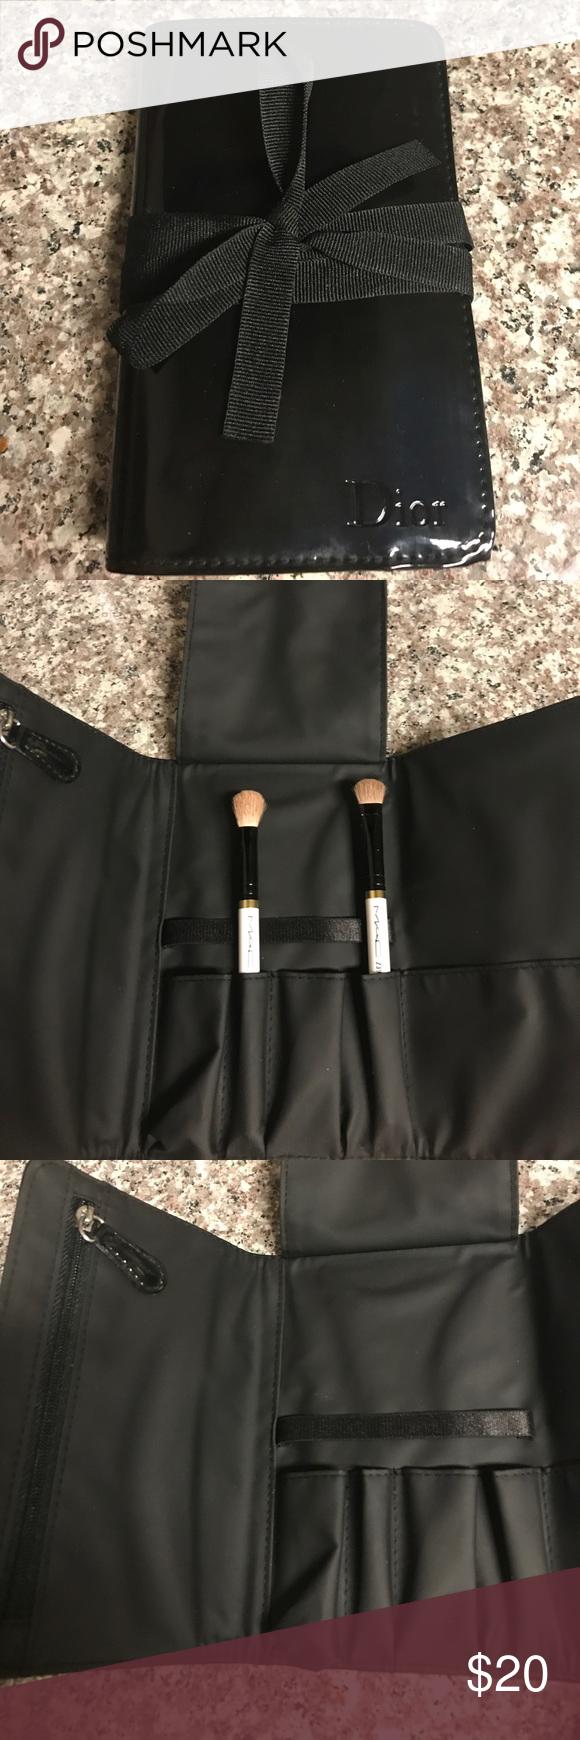 SALE🛍 Dior Make Up Brush Travel Case NWOT Clothes design